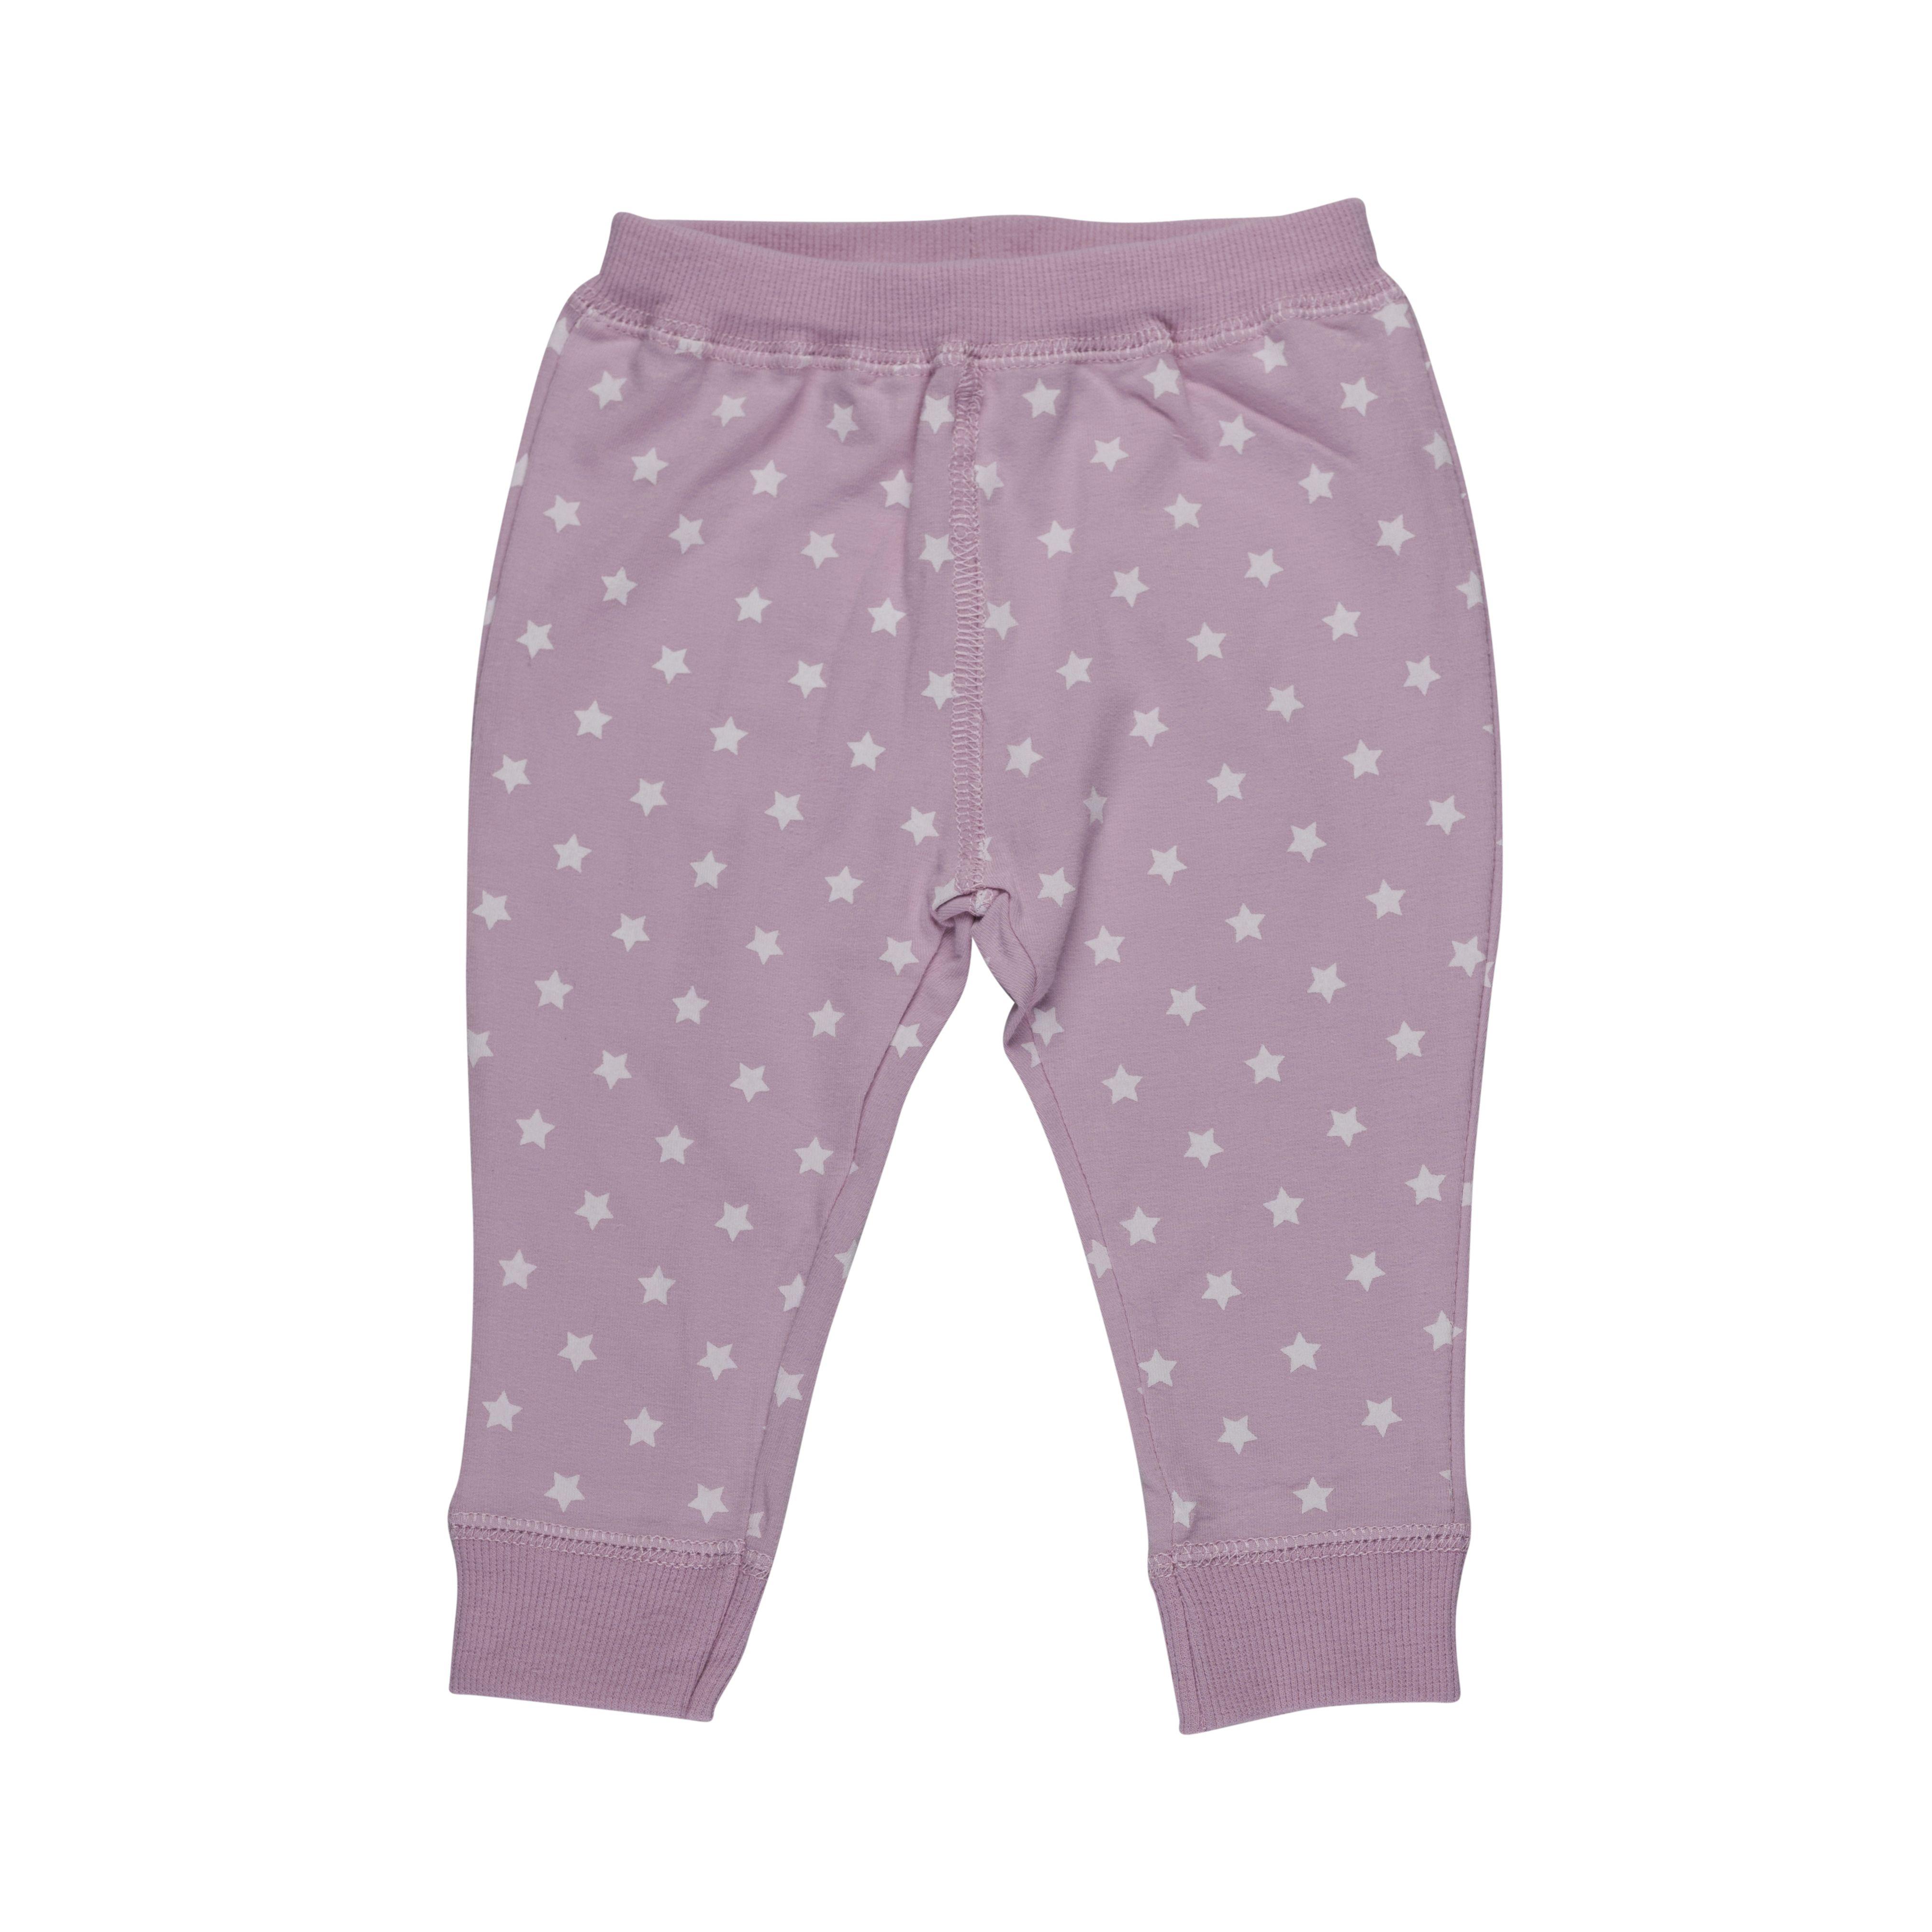 Billede af Baby bukser fra Pippi - Økologisk Bomuld - Rose & Stars